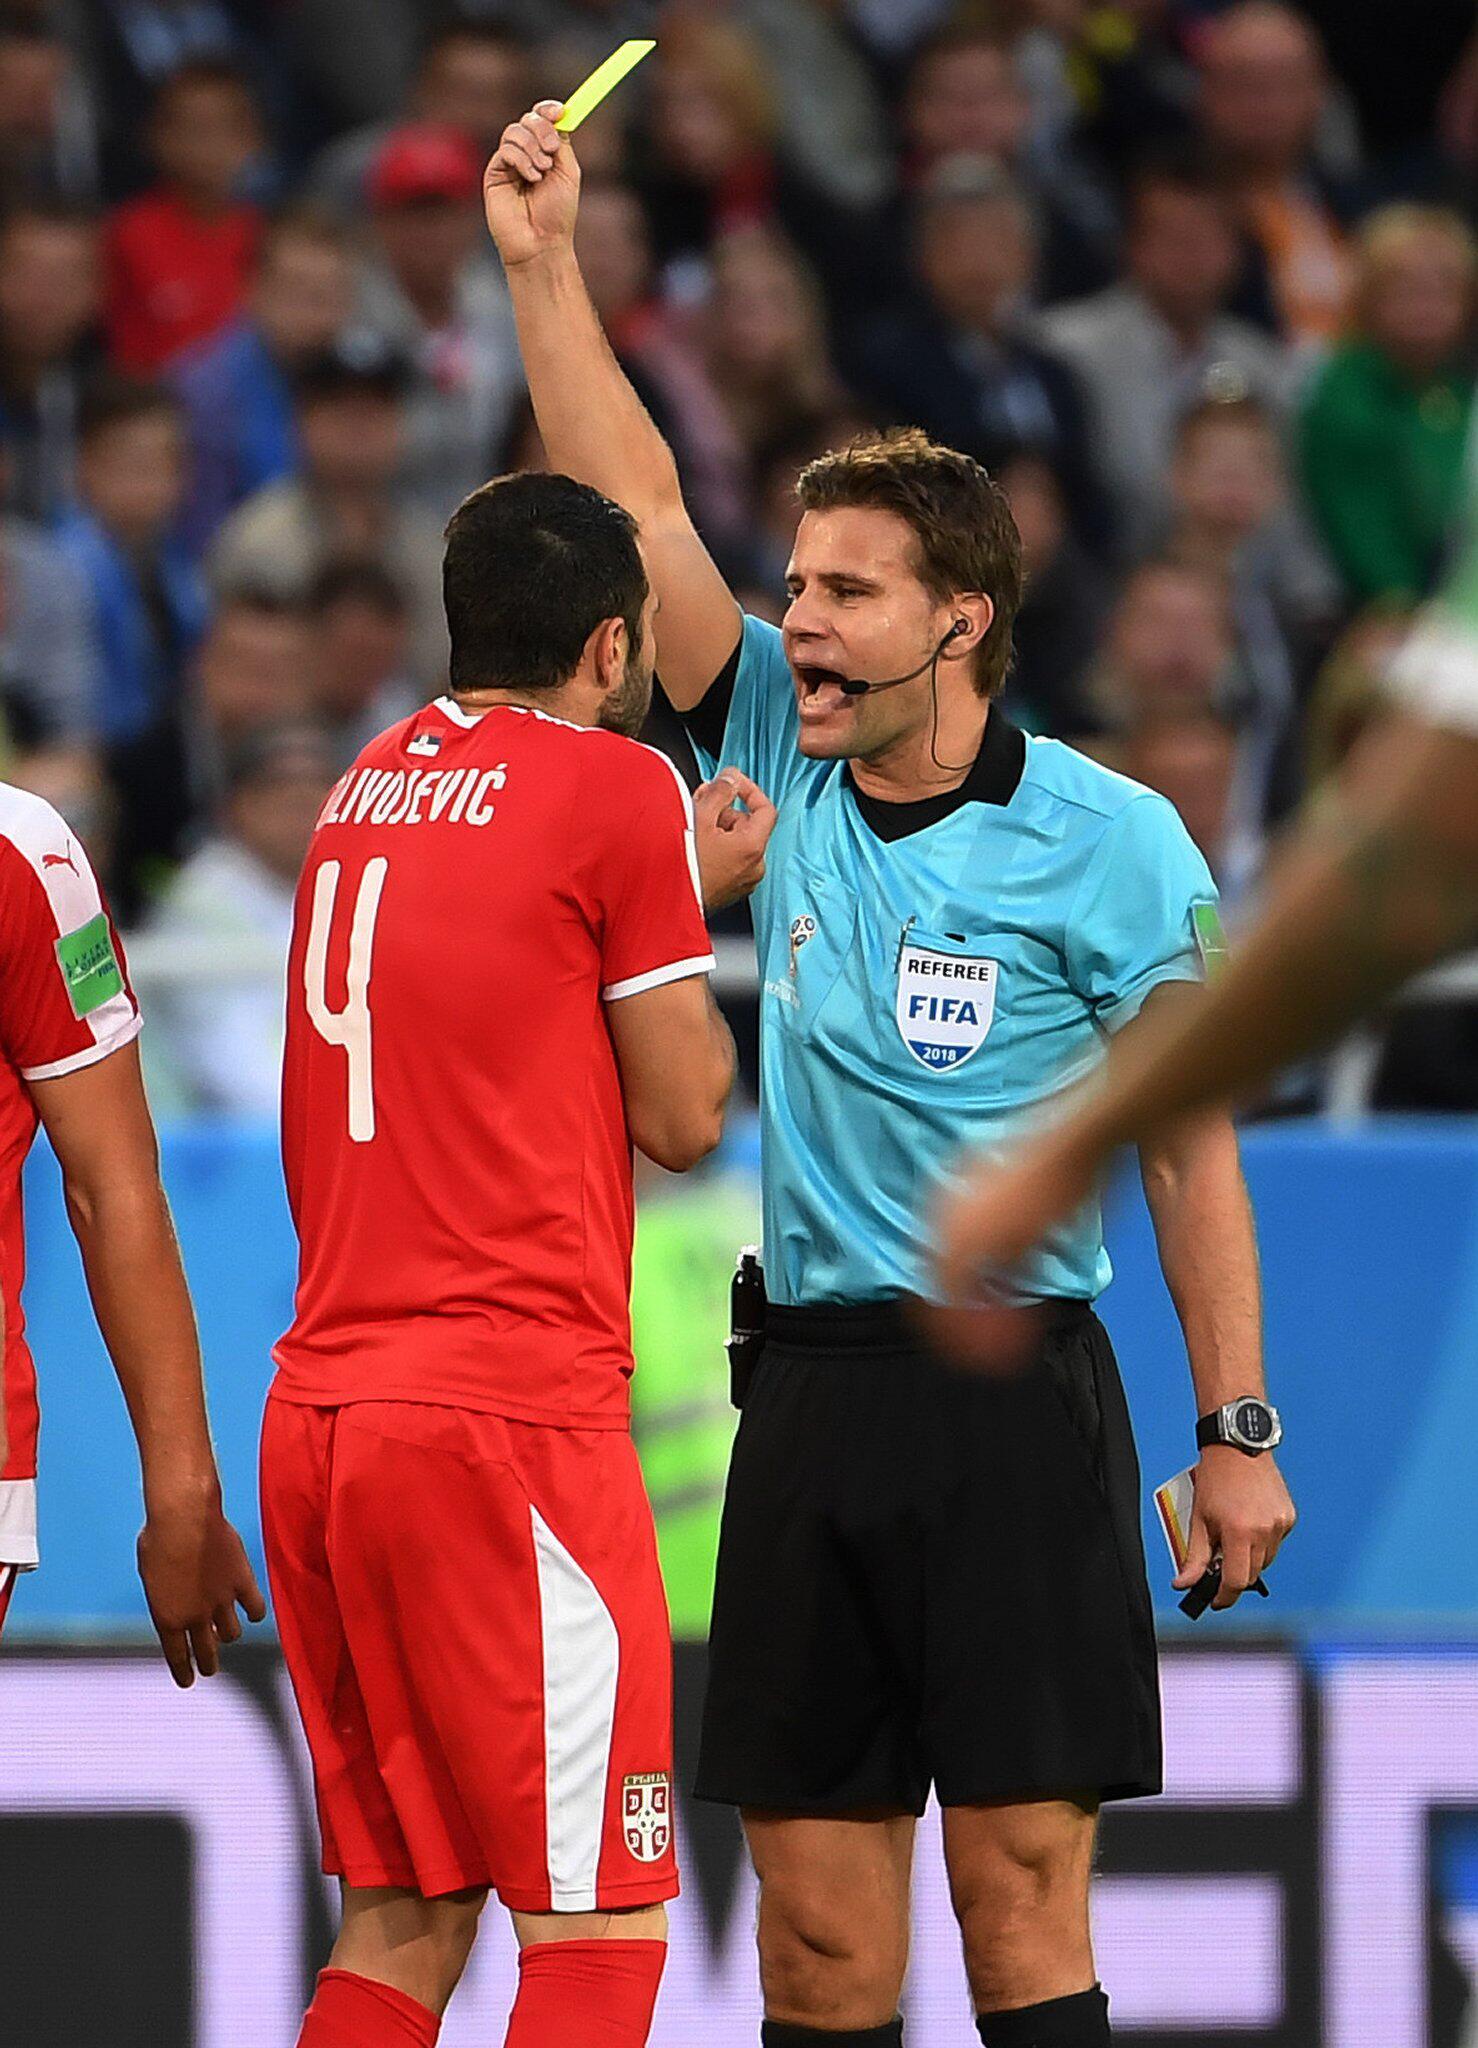 Bild zu Schiedsrichter Felix Brych (r) aus Deutschland zeigt Luka Milivojevic Gelb